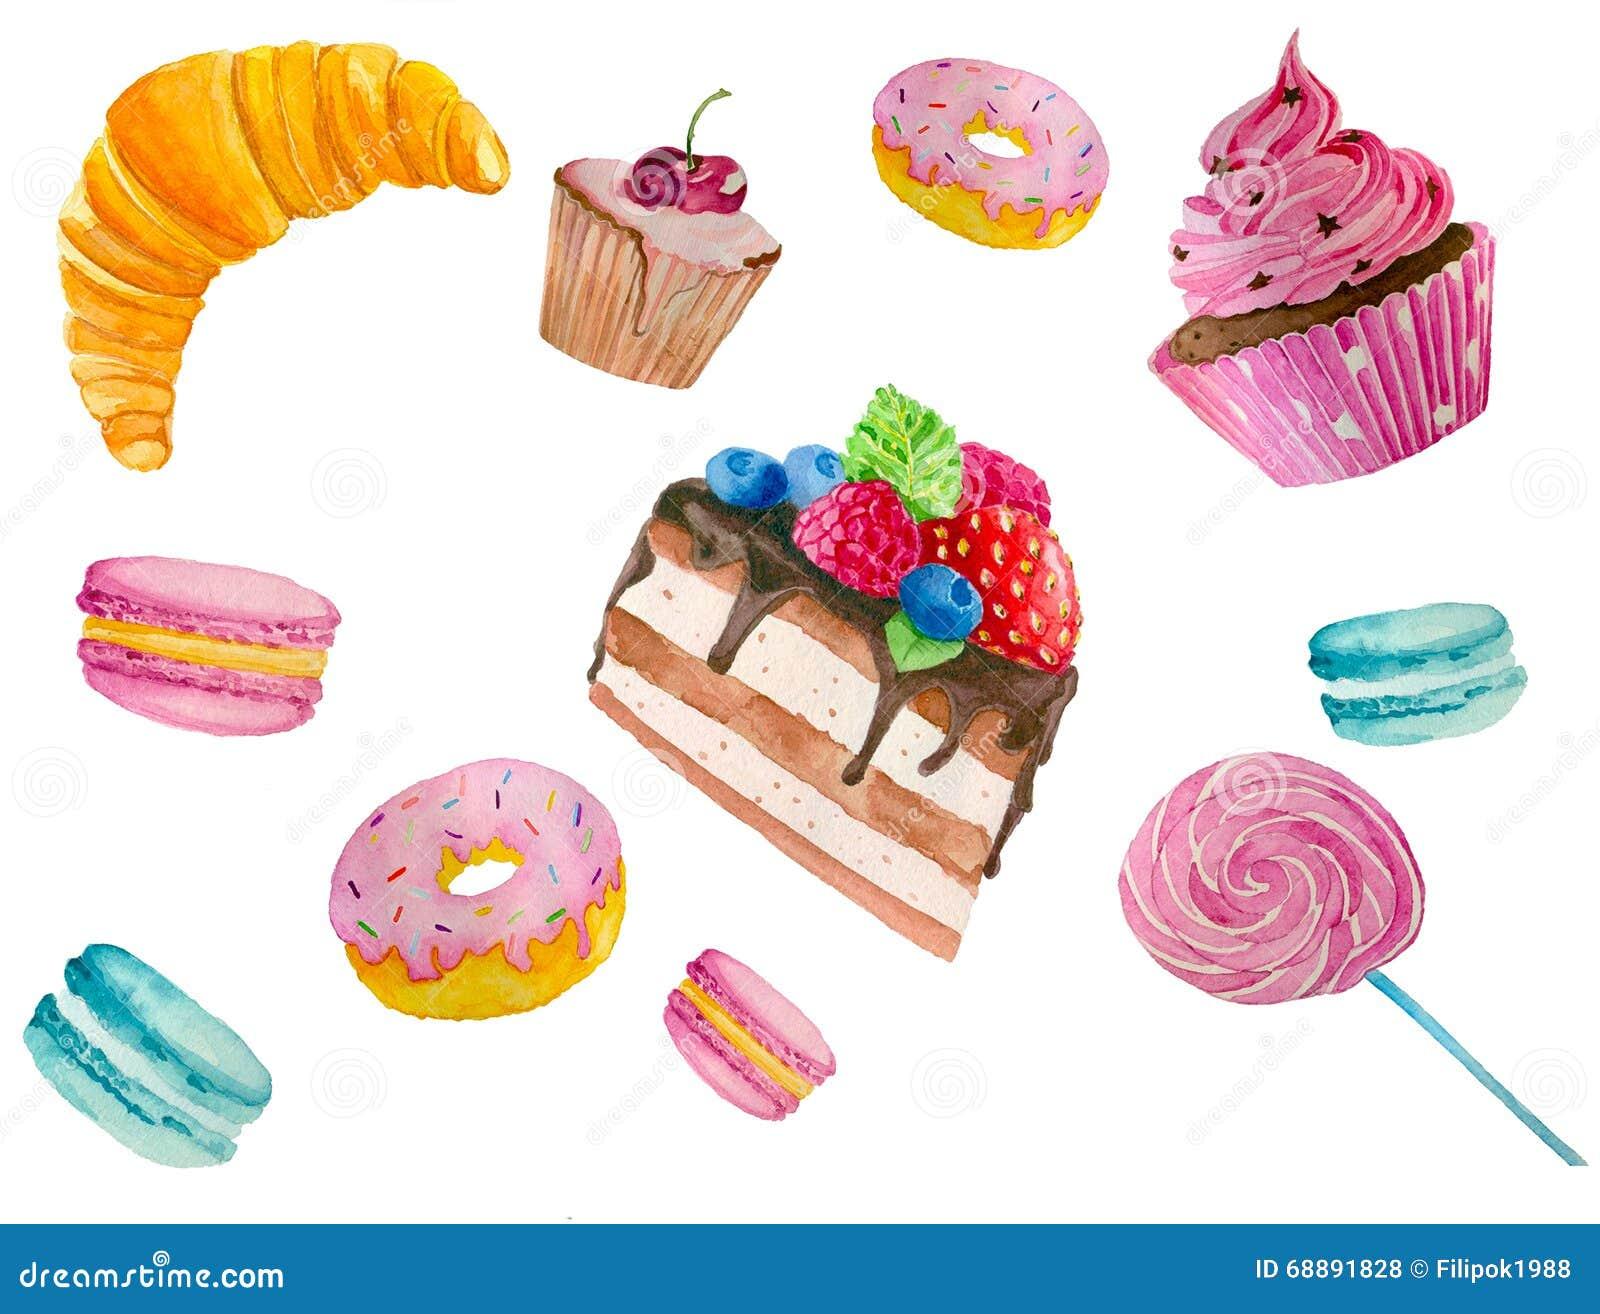 手绘画甜点的水彩例证:油炸圈饼,蛋糕, upcakes.图片